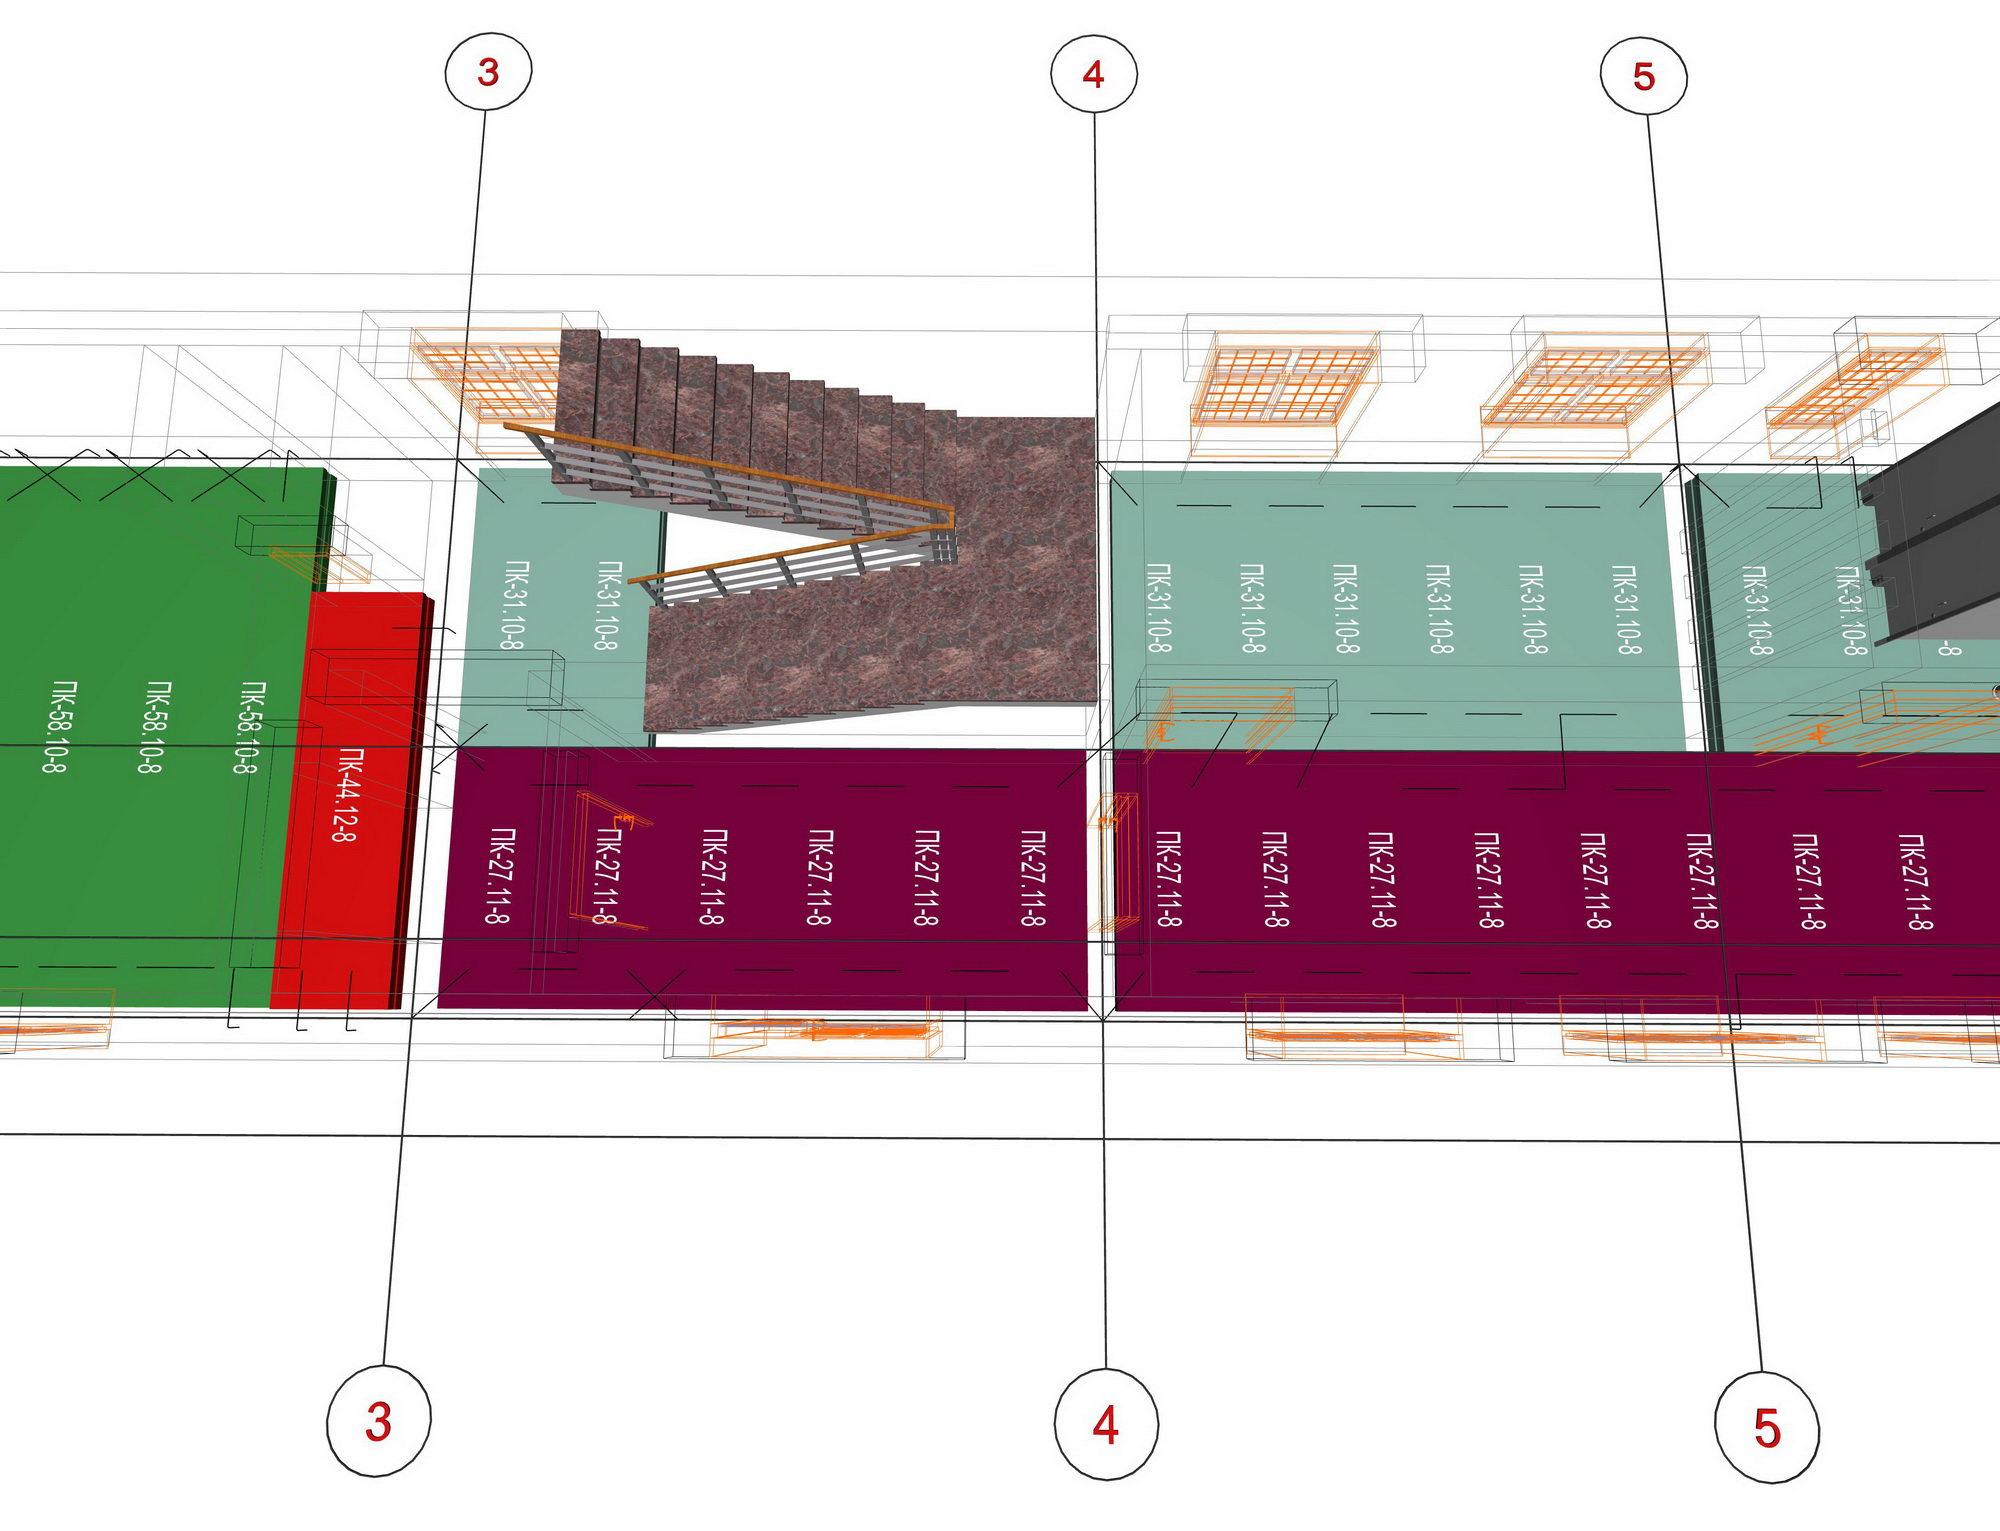 Схема раскладки ребристых плит перекрытия